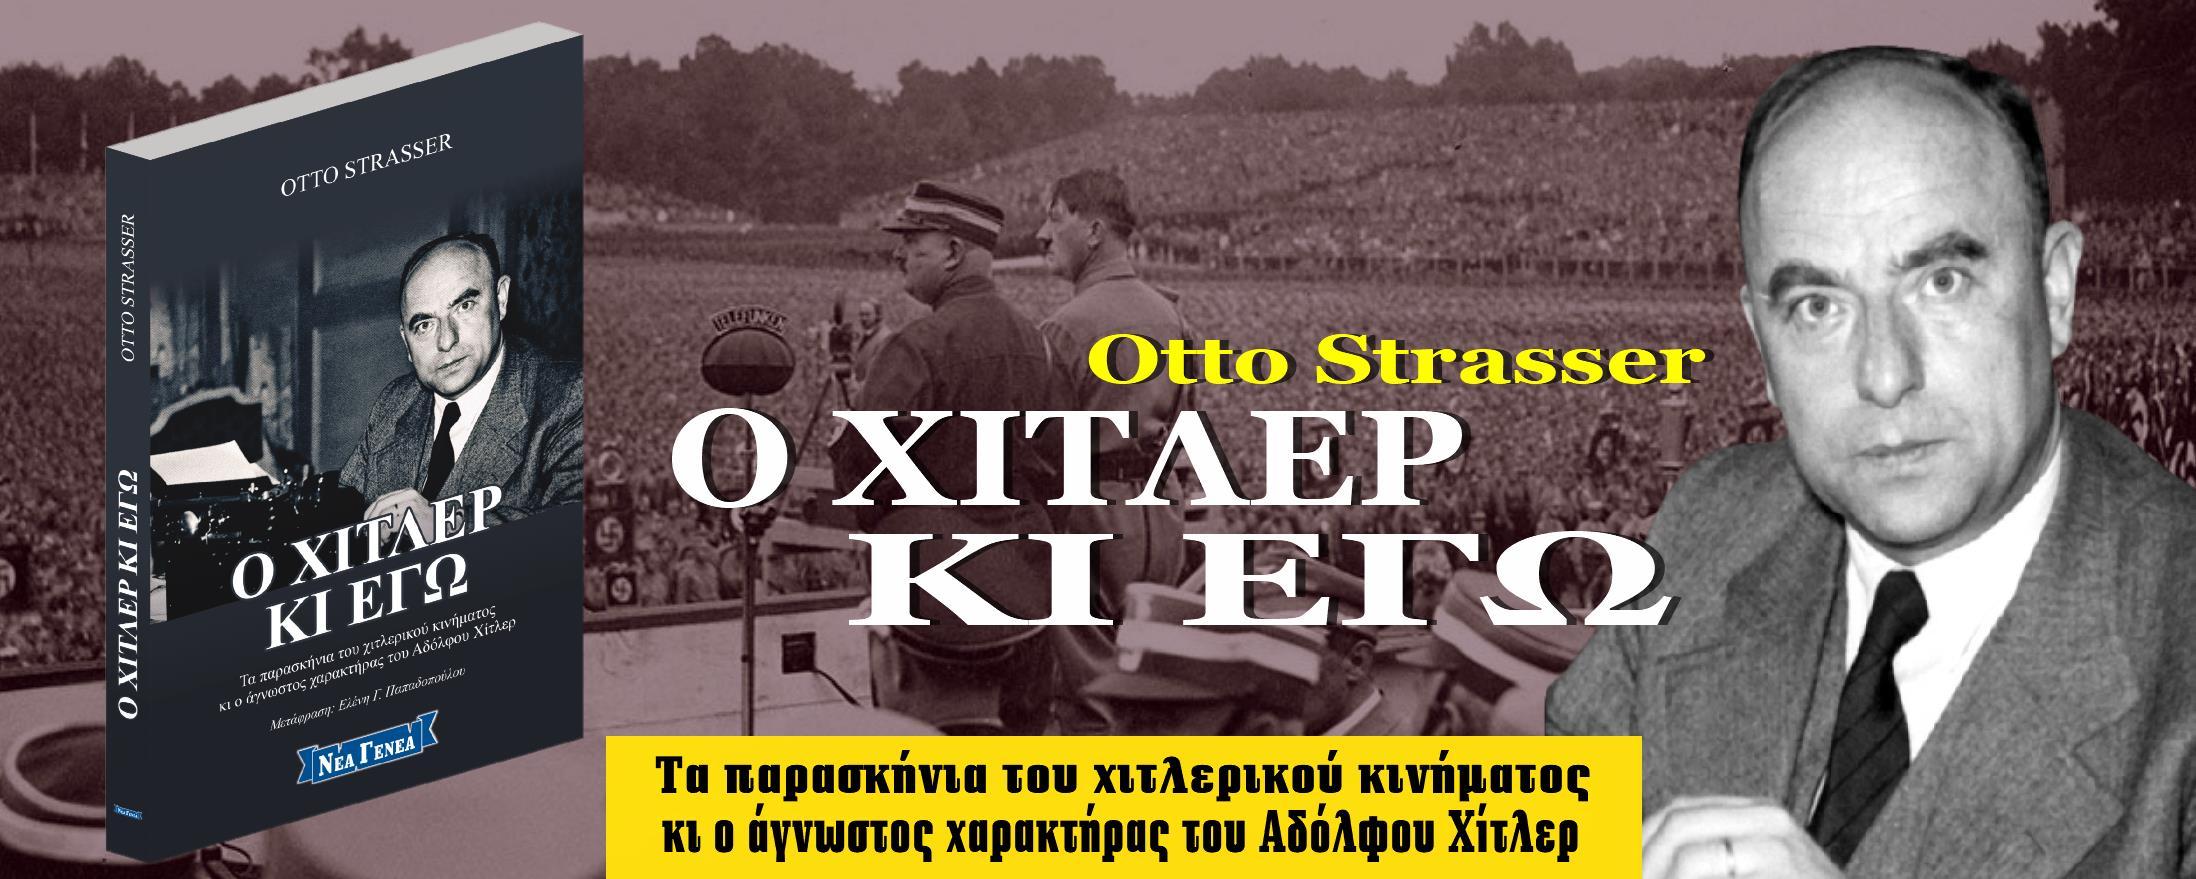 Νέα έκδοση: «Ο Χίτλερ κι εγώ» του Otto Strasser